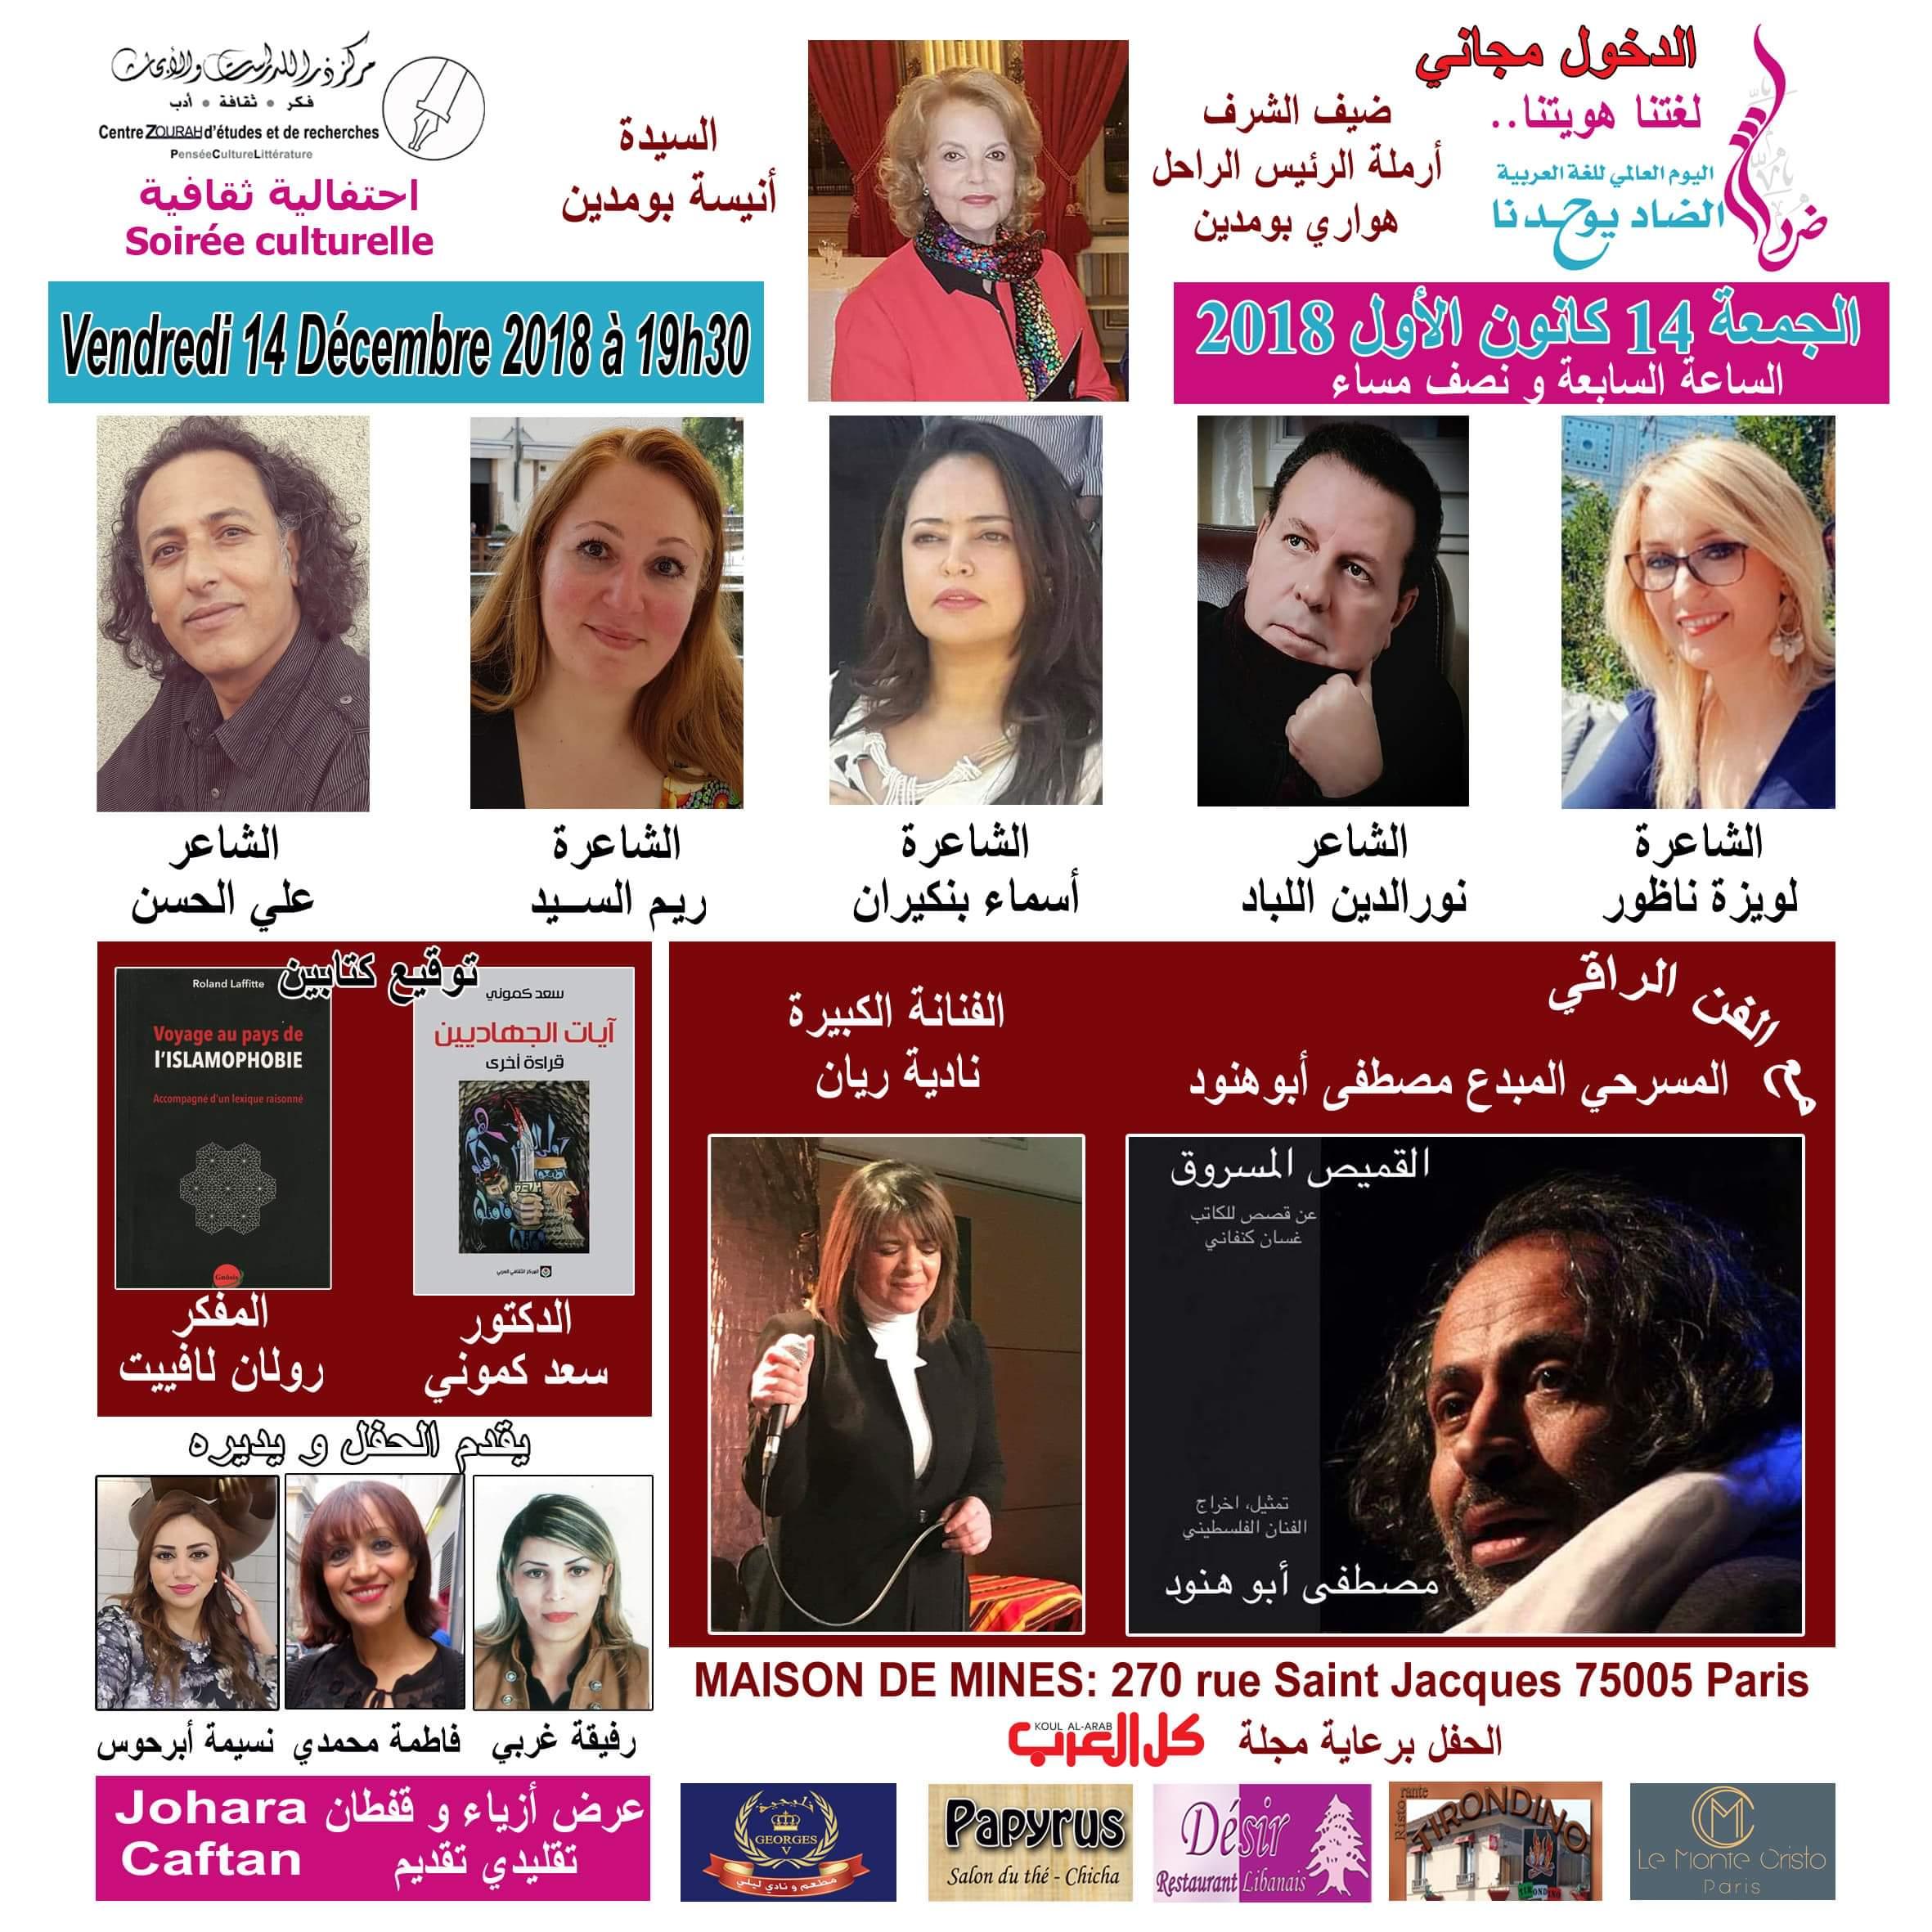 صورة اليوم العالمي للغة العربية